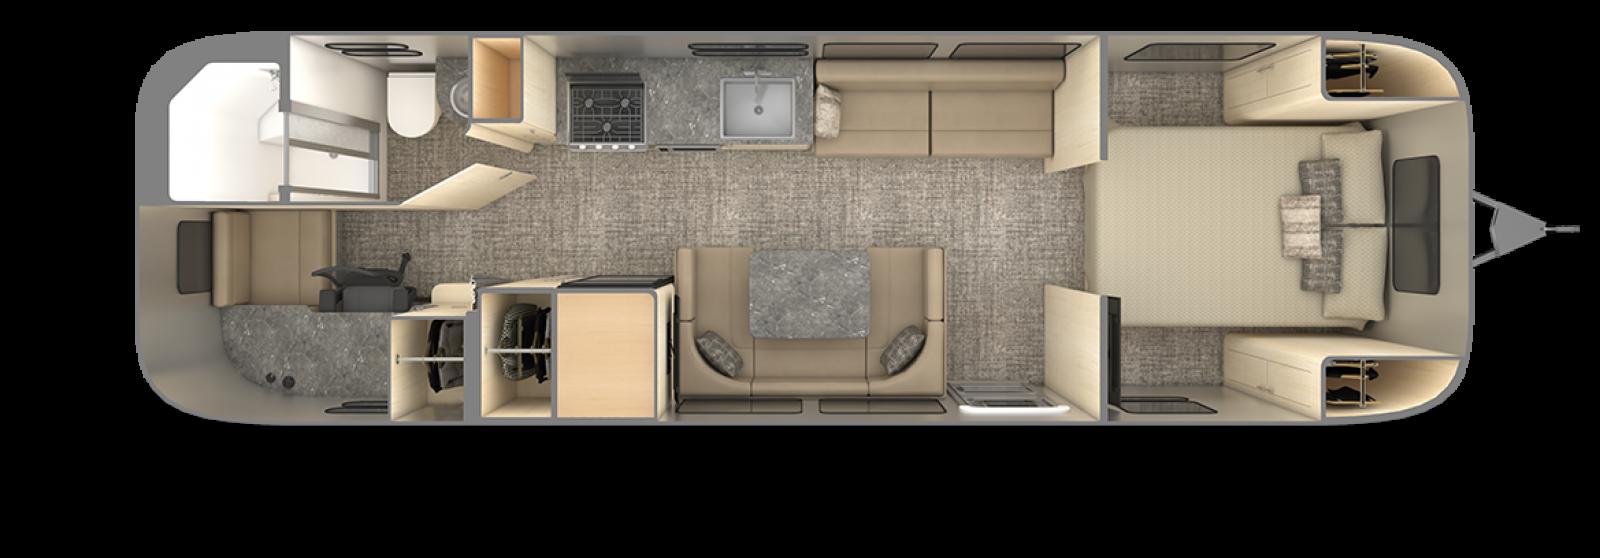 Airstream Flying Cloud 30FB office floor plan